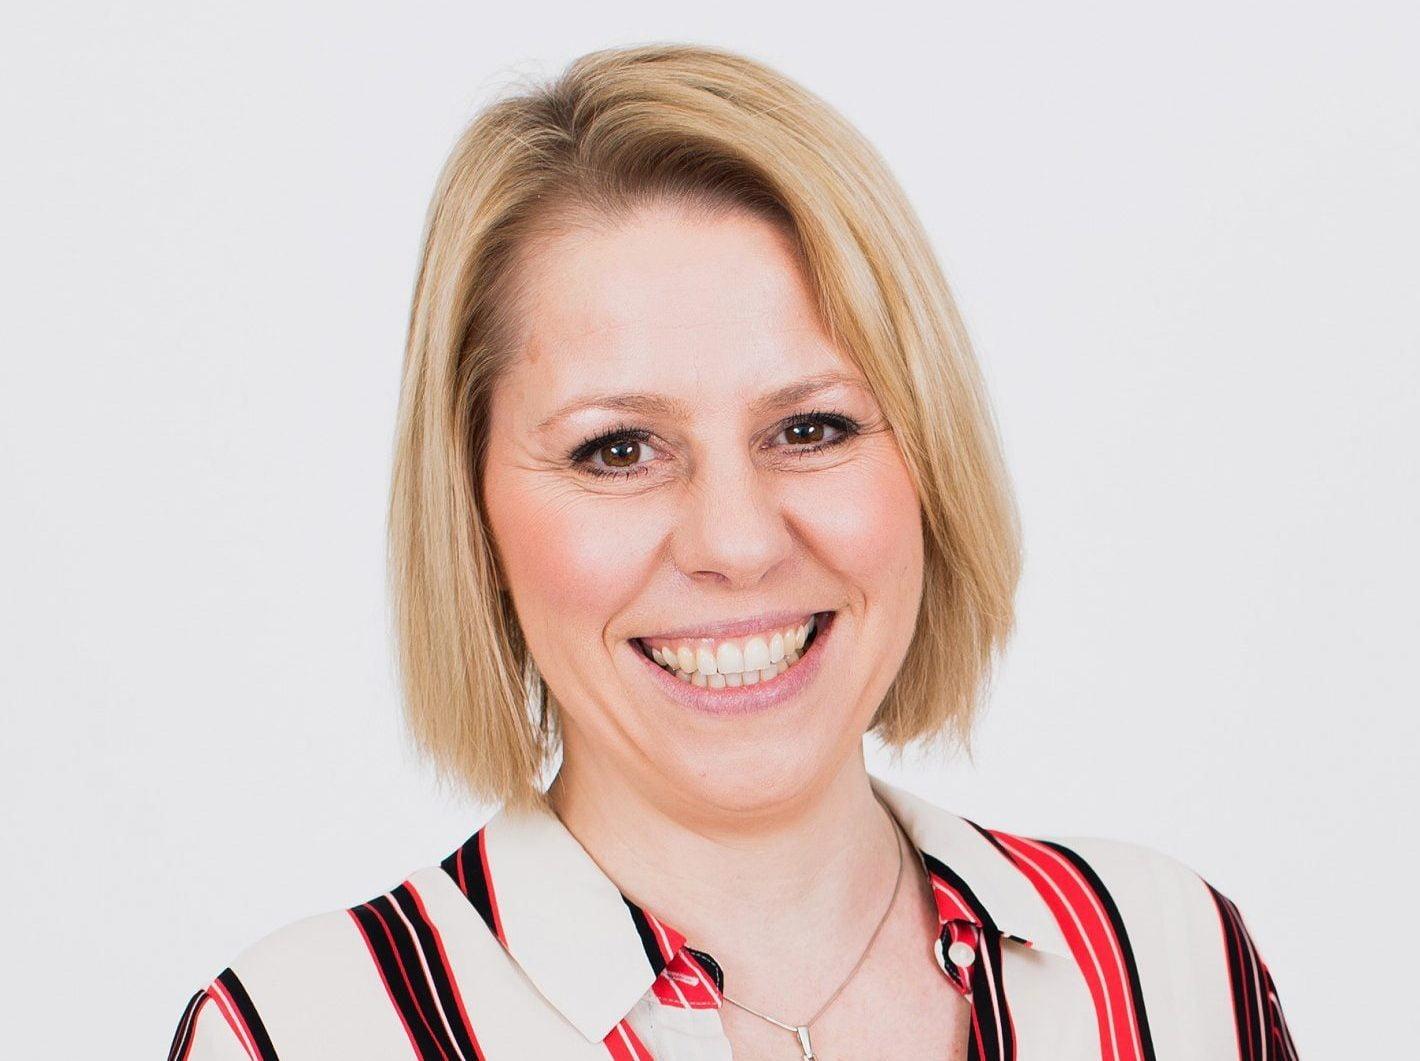 Danni Hewson presenter